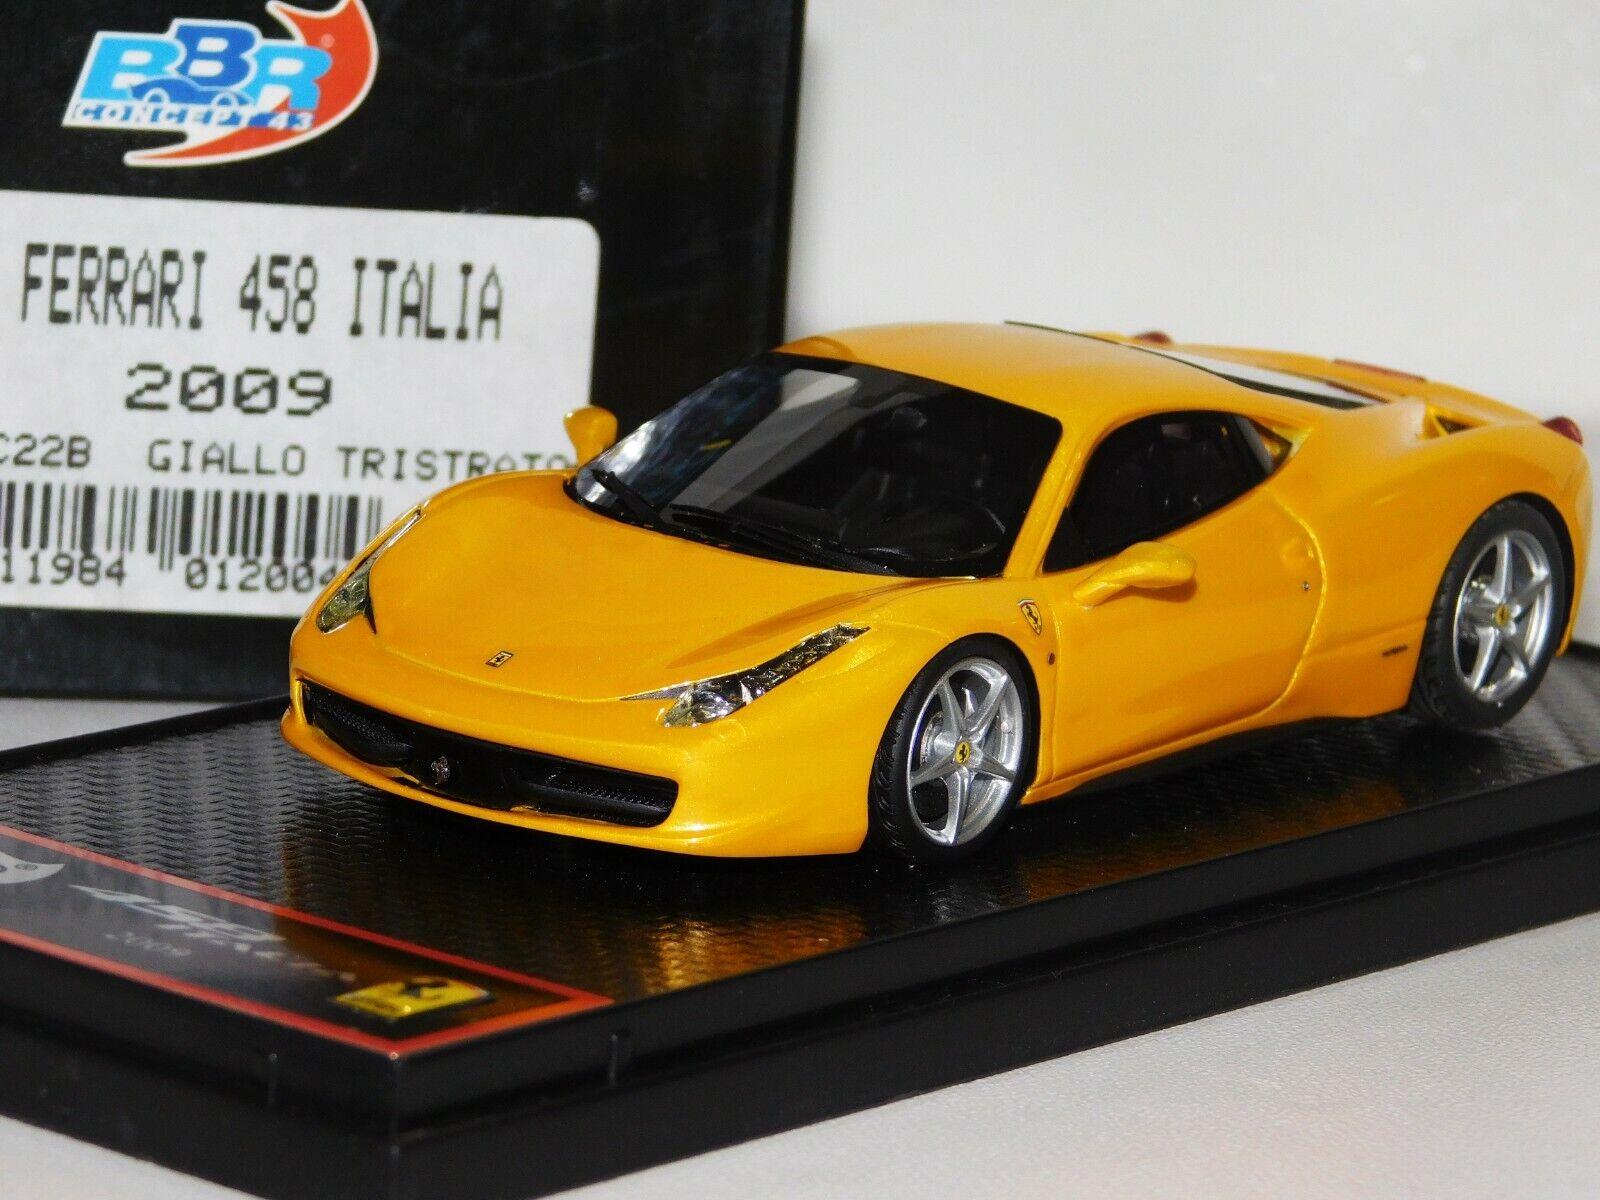 Ferrari 458 Italia 2009 jaune tristato BBR BBRC 22B 1 43